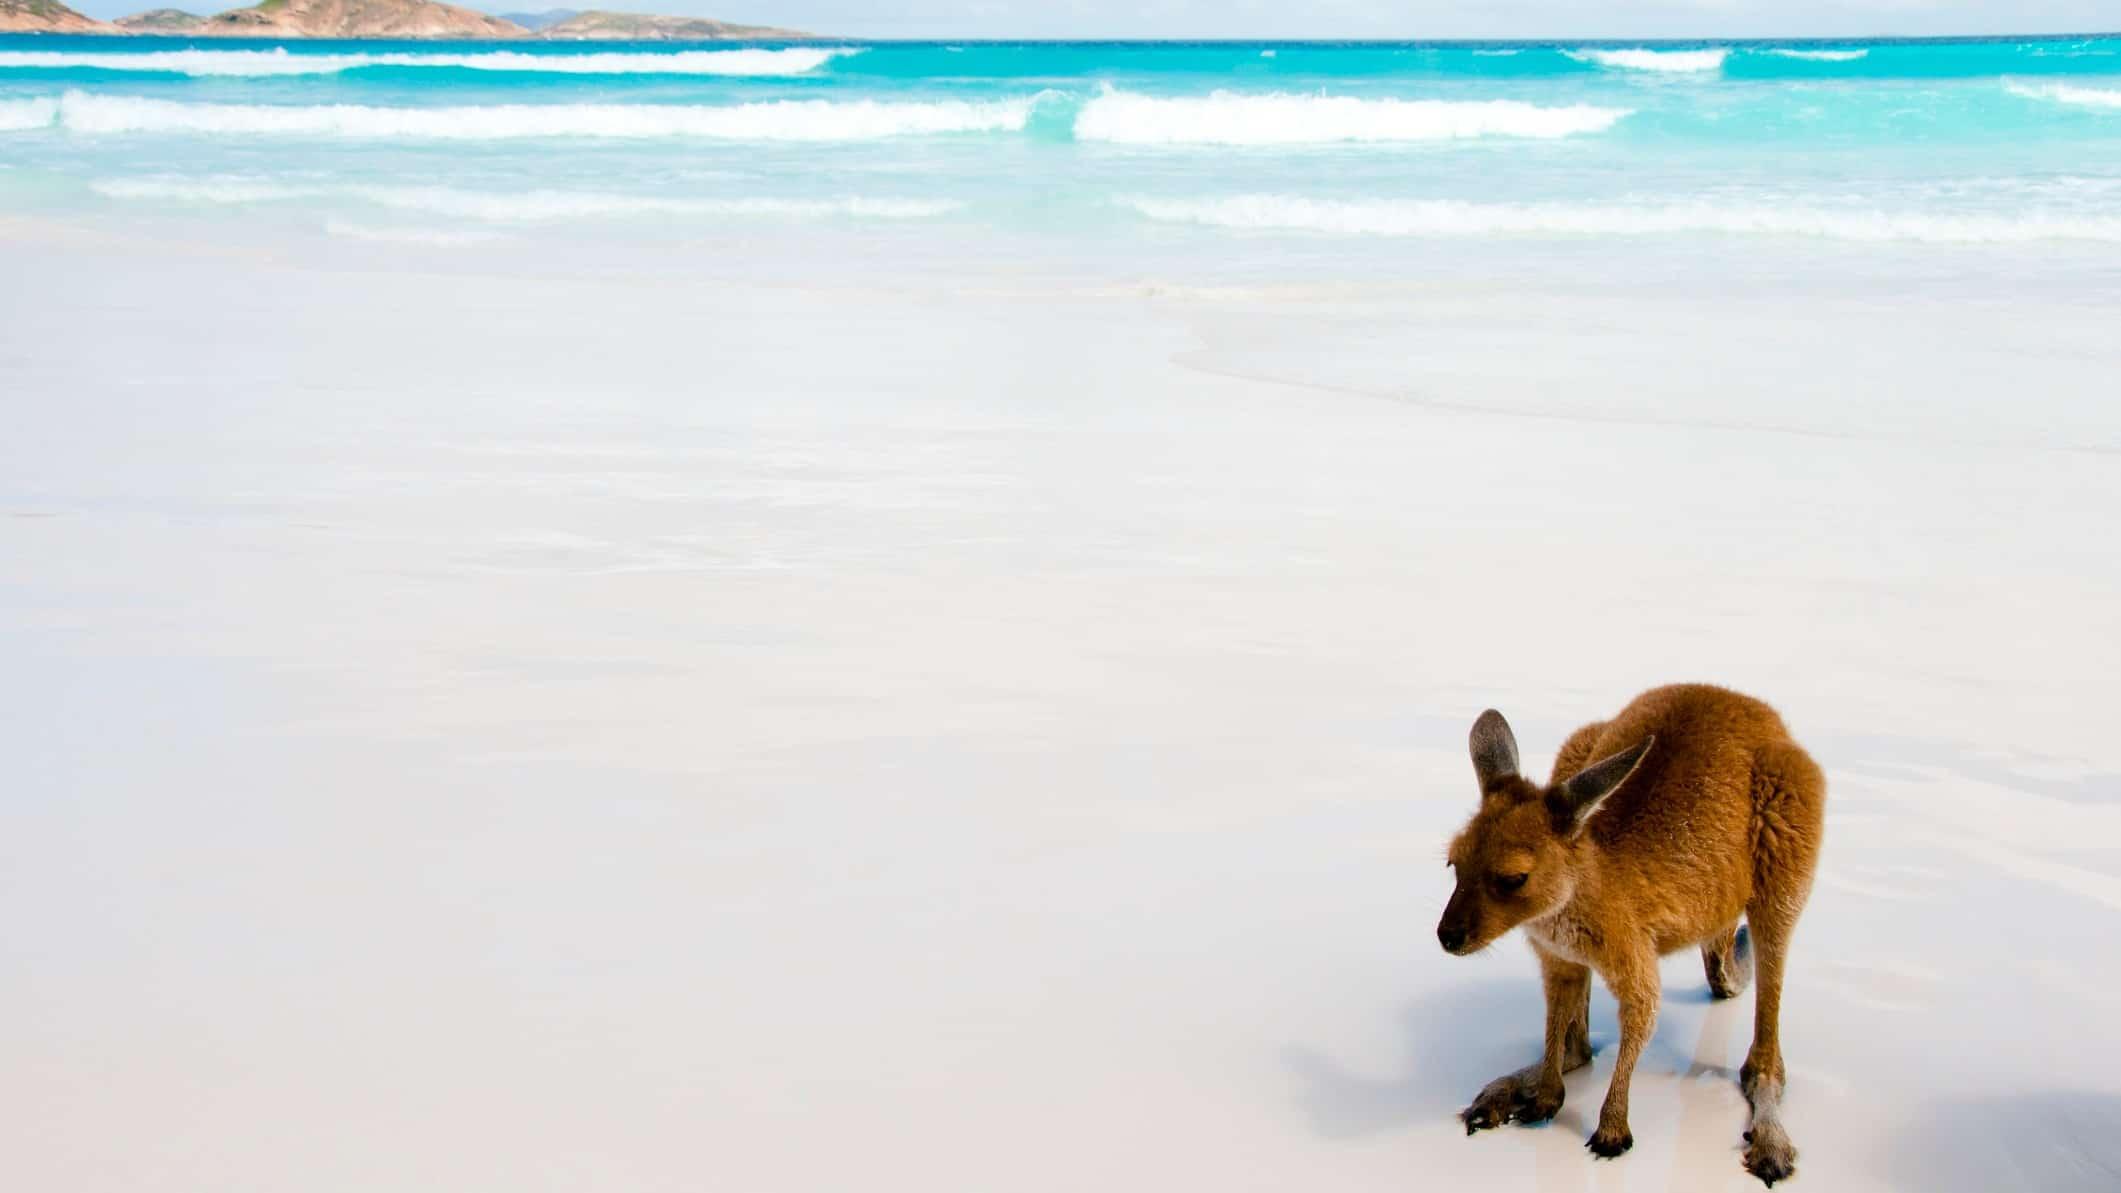 kangaroo standing on white sandy beach